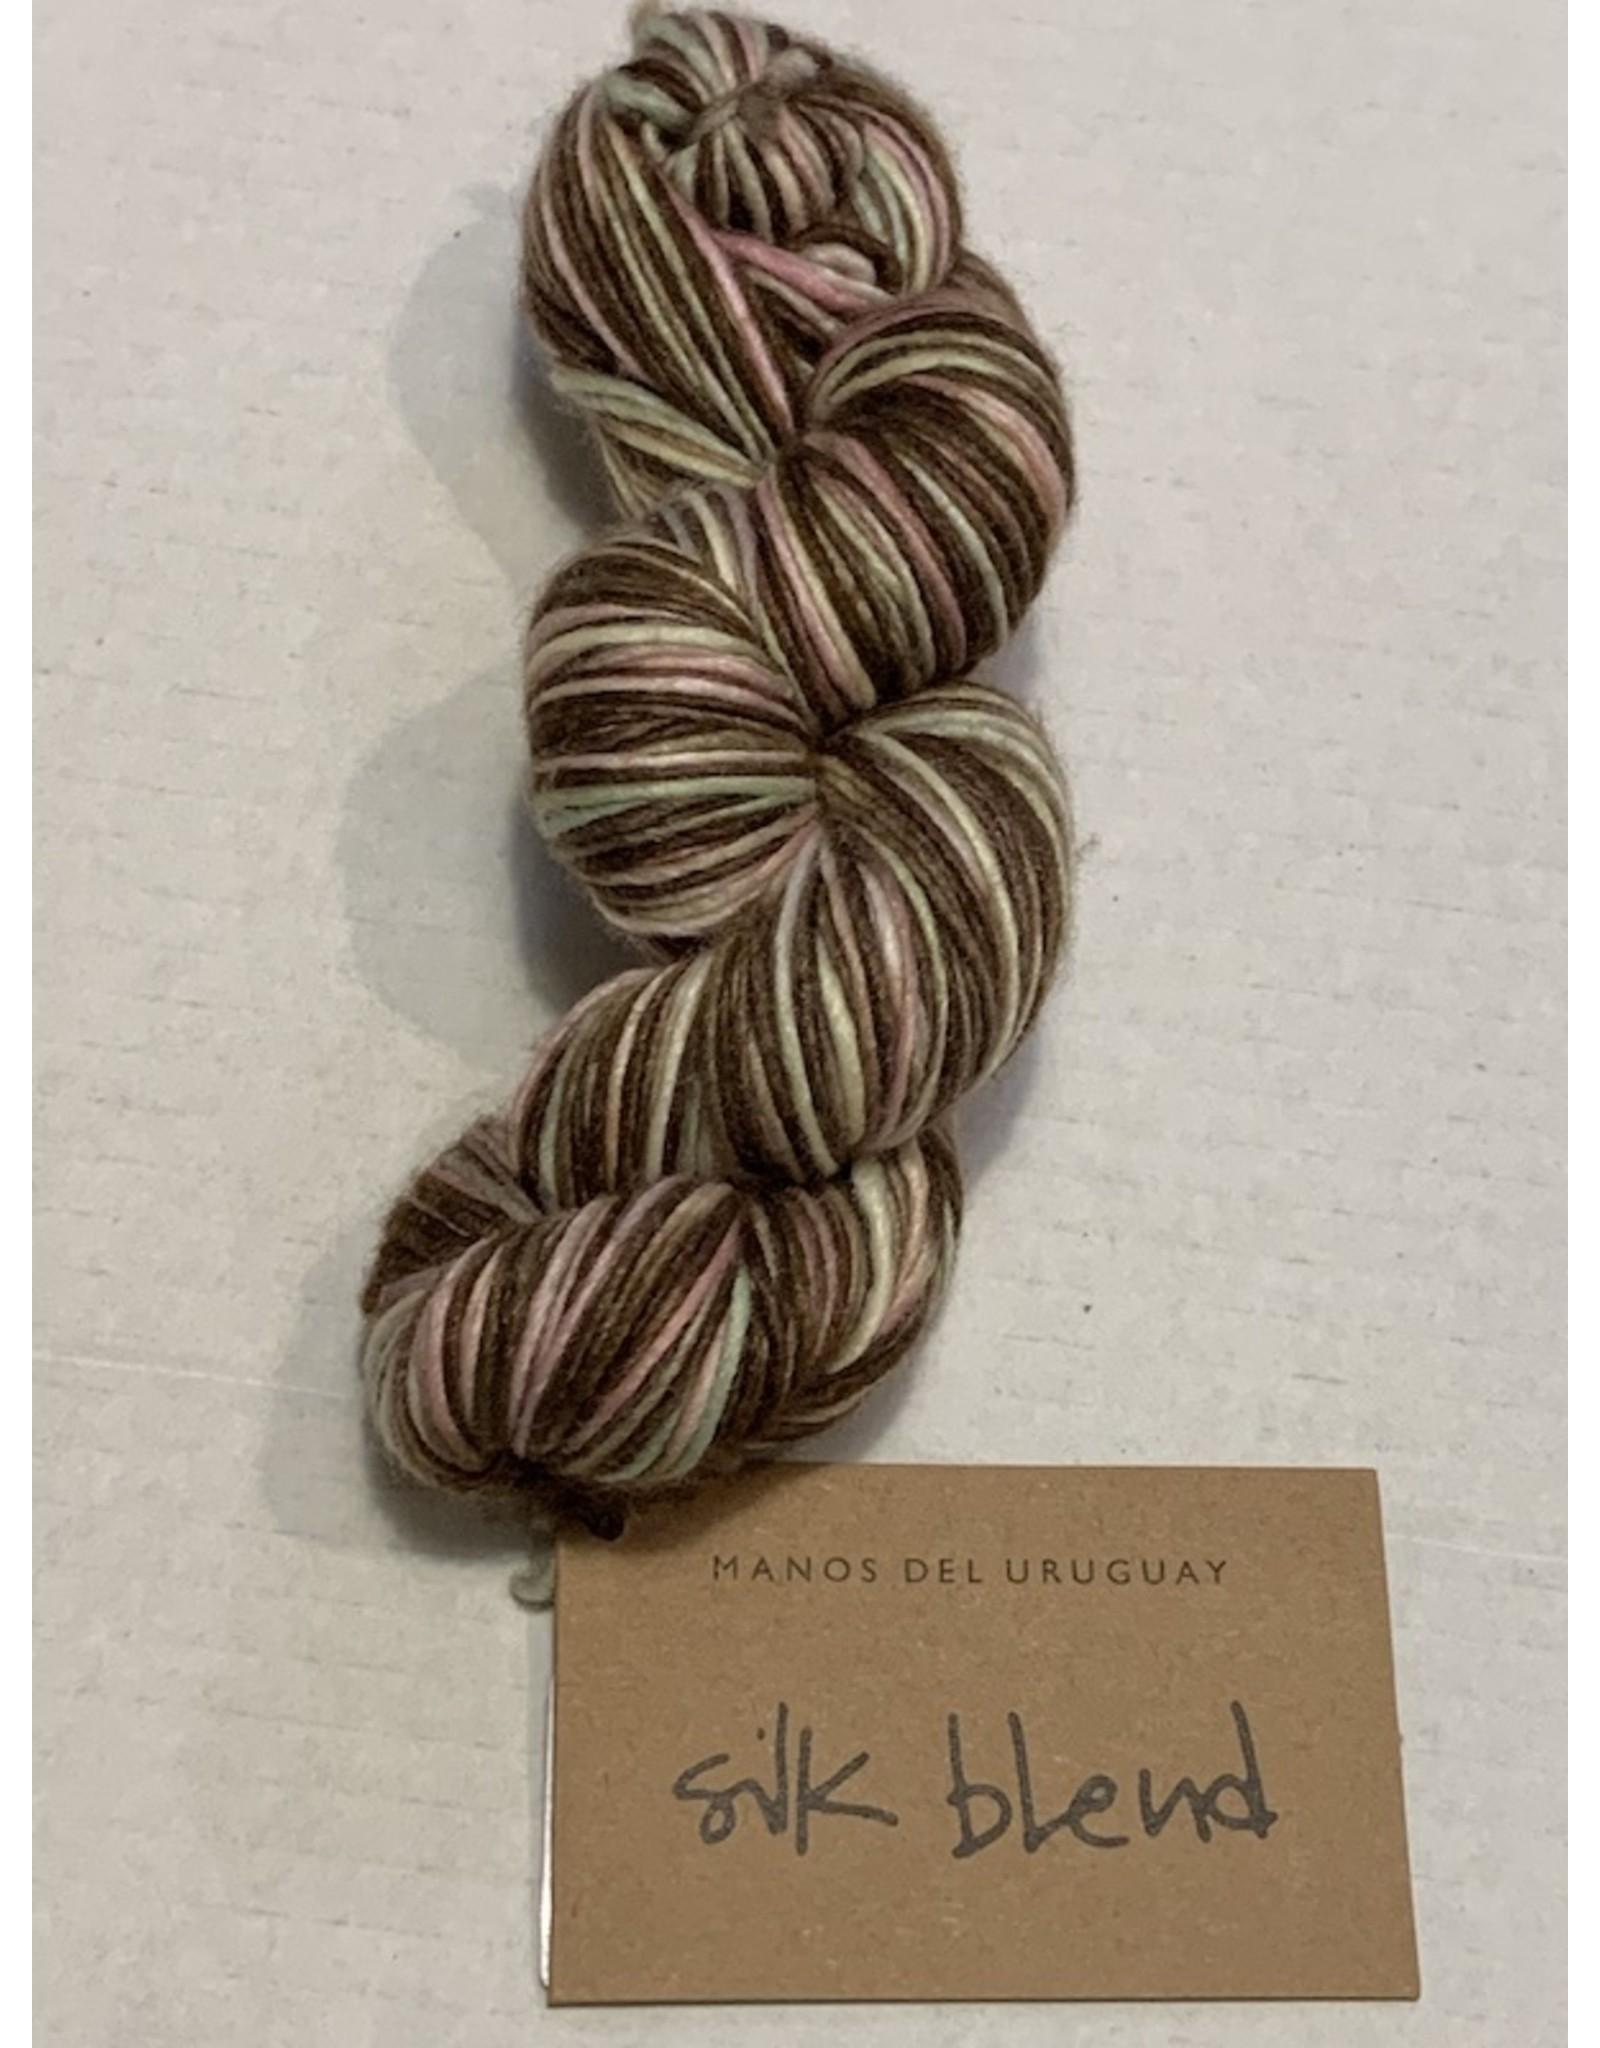 Manos del Uruguay Manos Del Uruguay Silk Blend